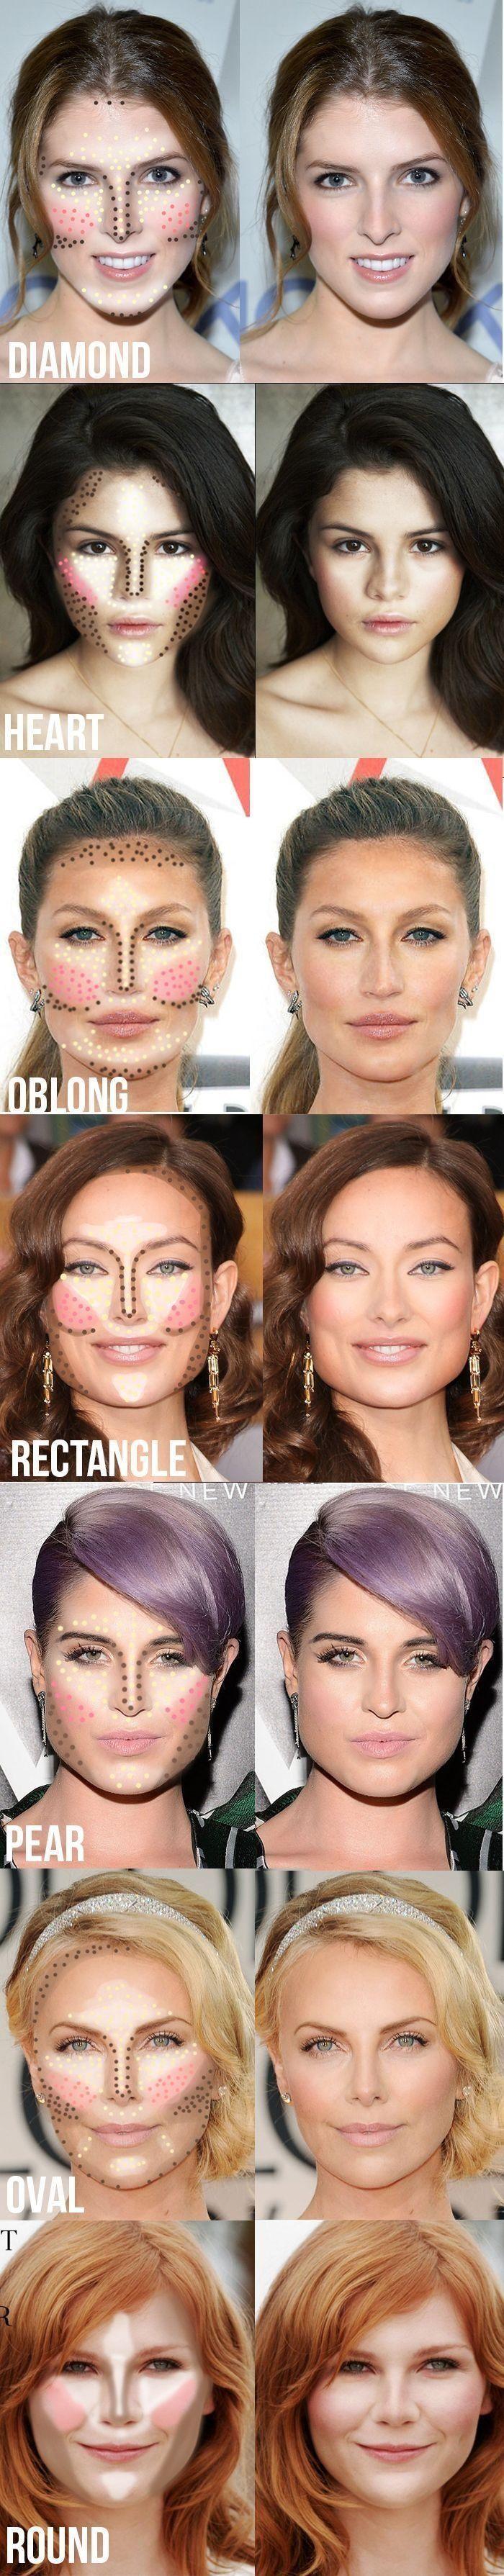 Contour-face shape: